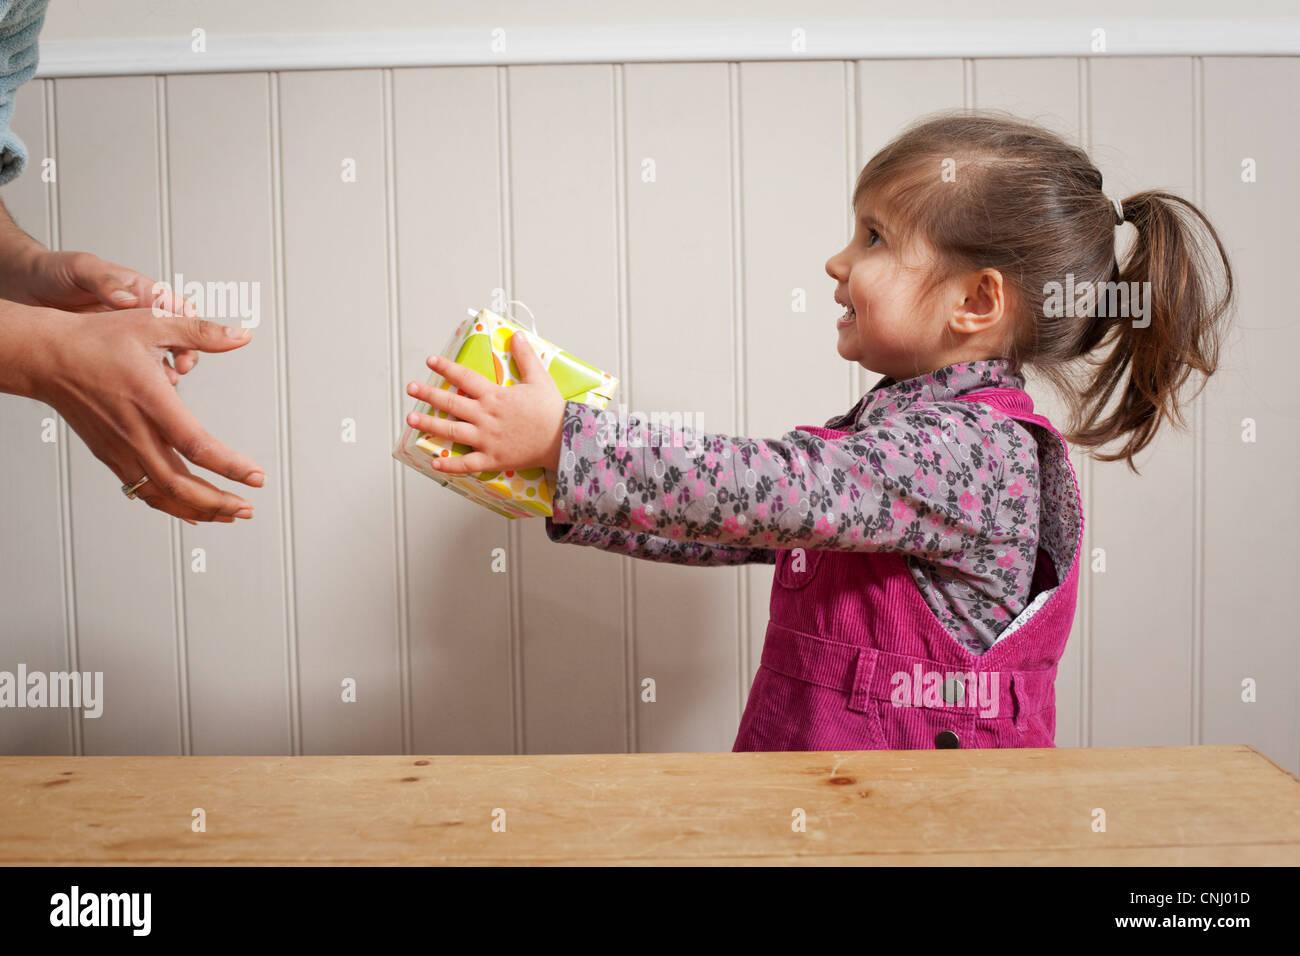 Bambina dando un dono per adulto Immagini Stock